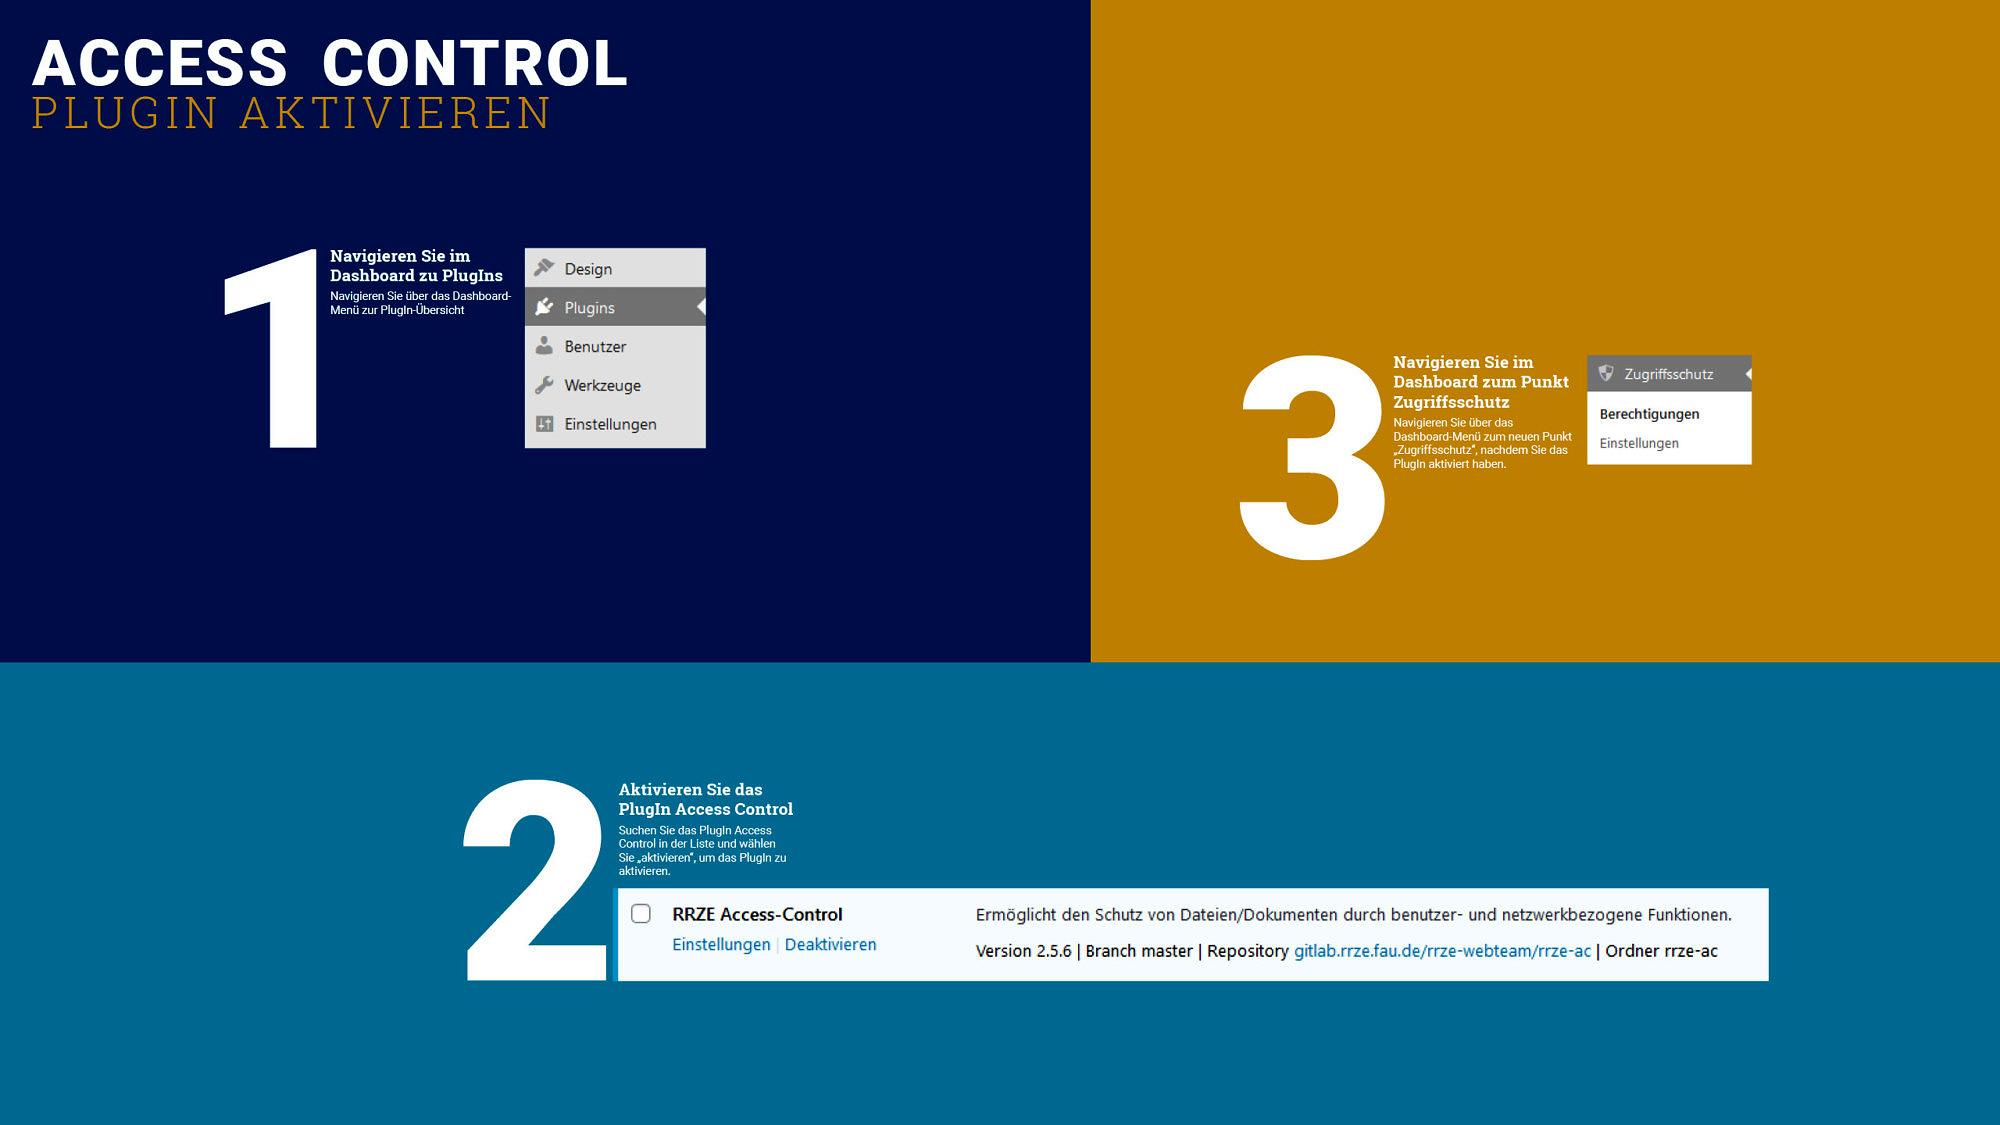 Schaubild Access Control aktivieren